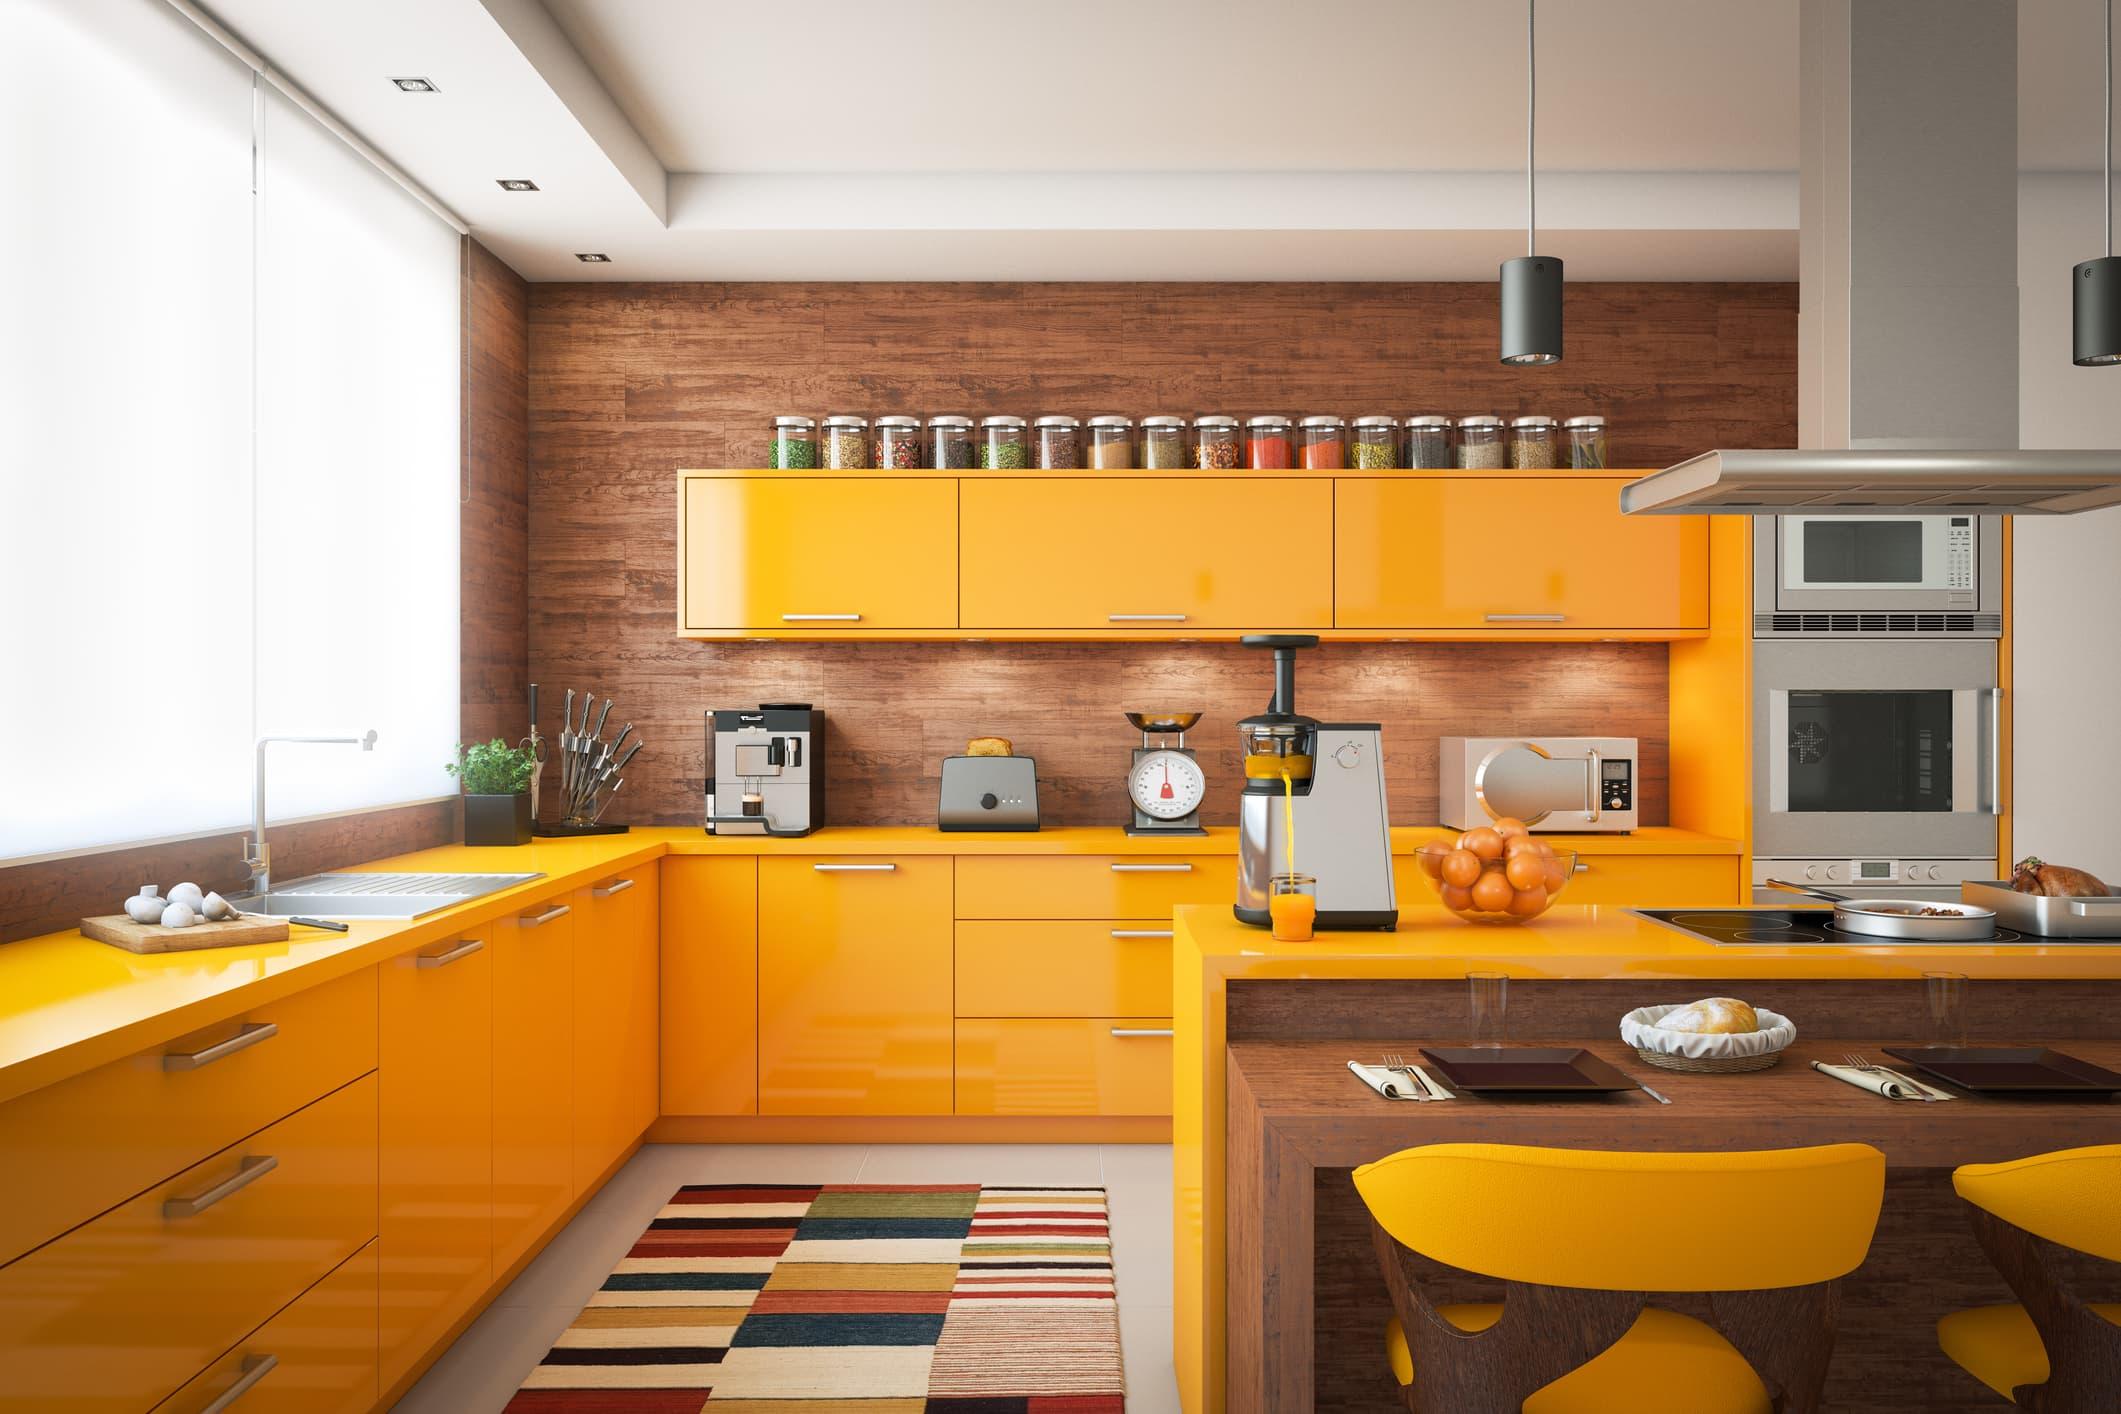 cocinas-de-colores-para-darle-un-toque-alegre-a-tu-hogar